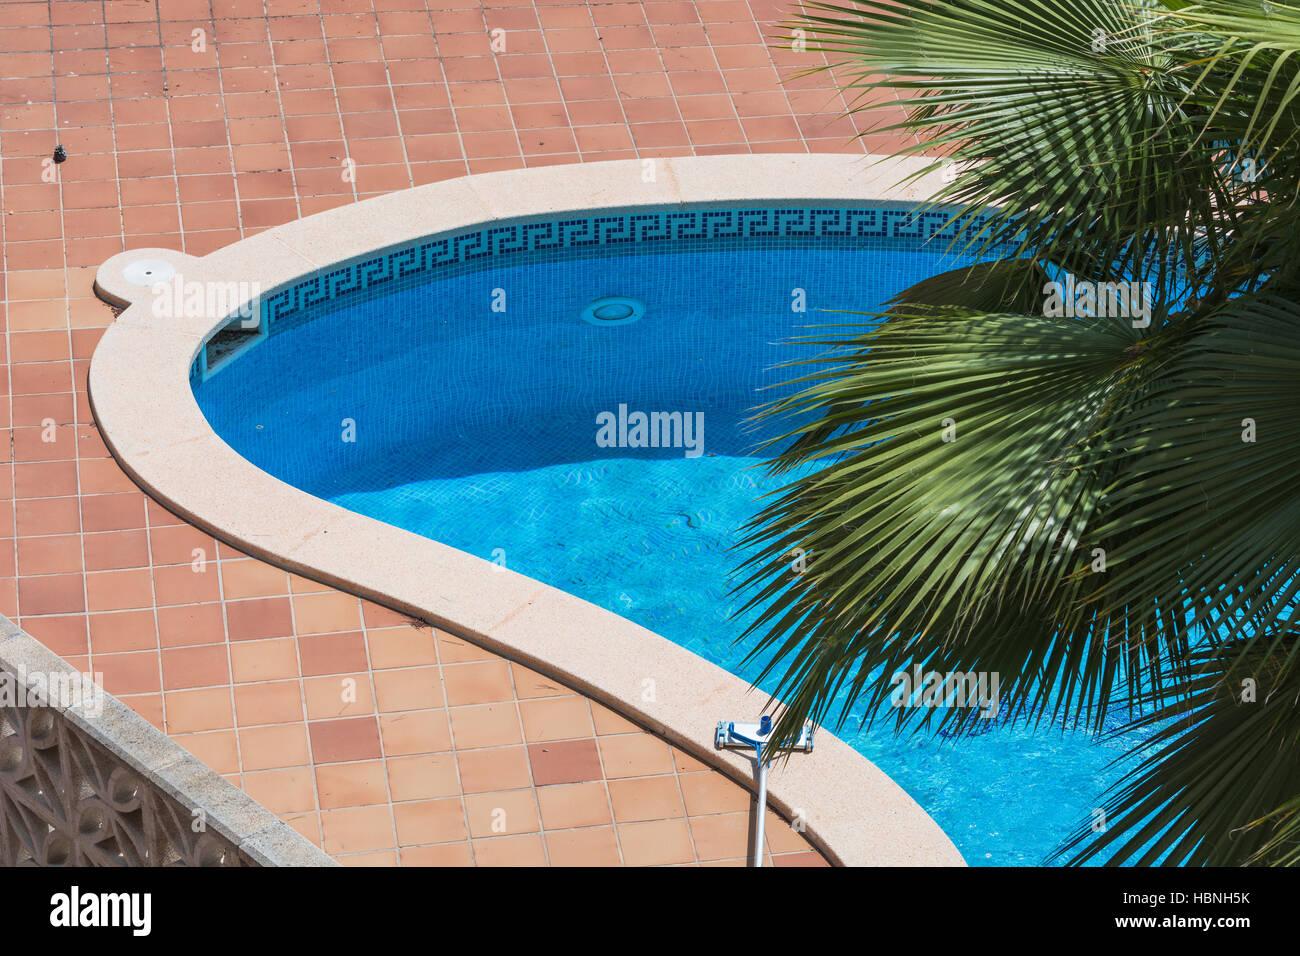 Piscina esterna con piastrelle blu foto & immagine stock: 127708271